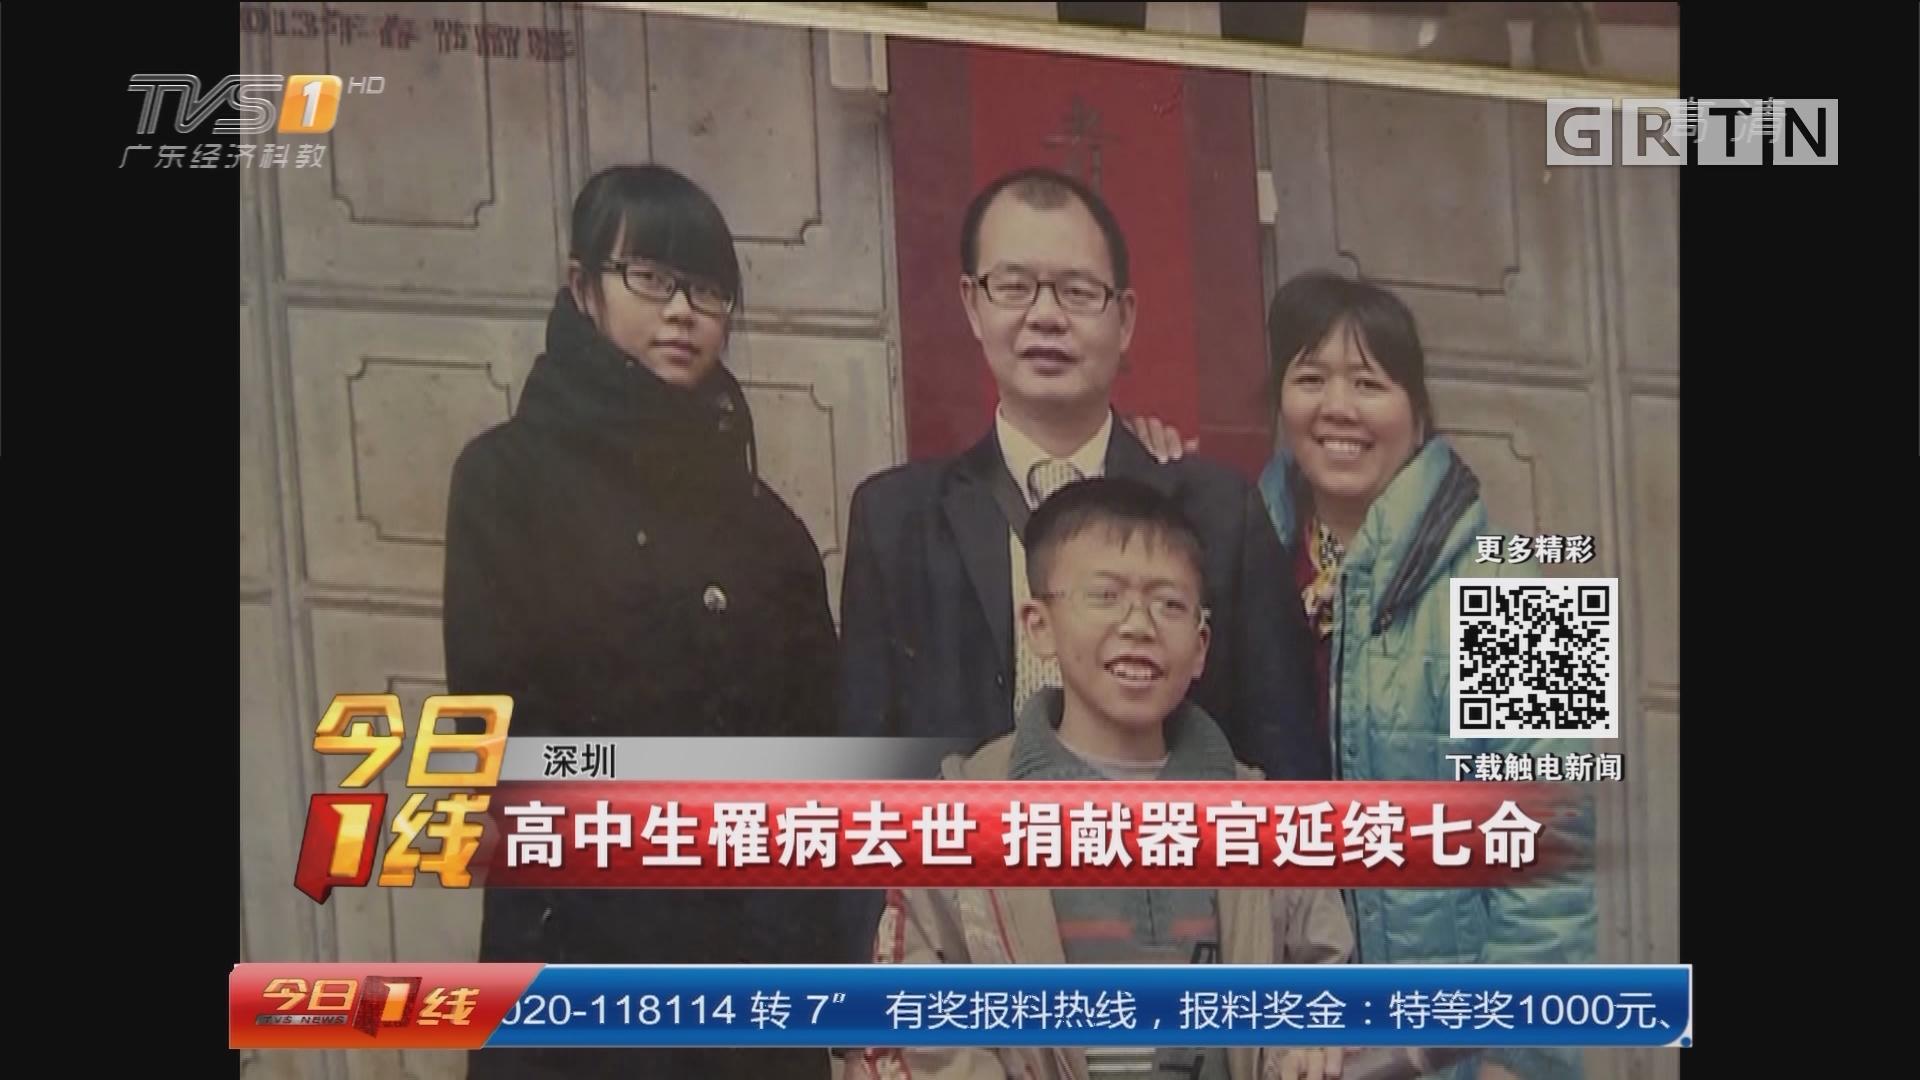 深圳:高中生罹病去世 捐献器官延续七命